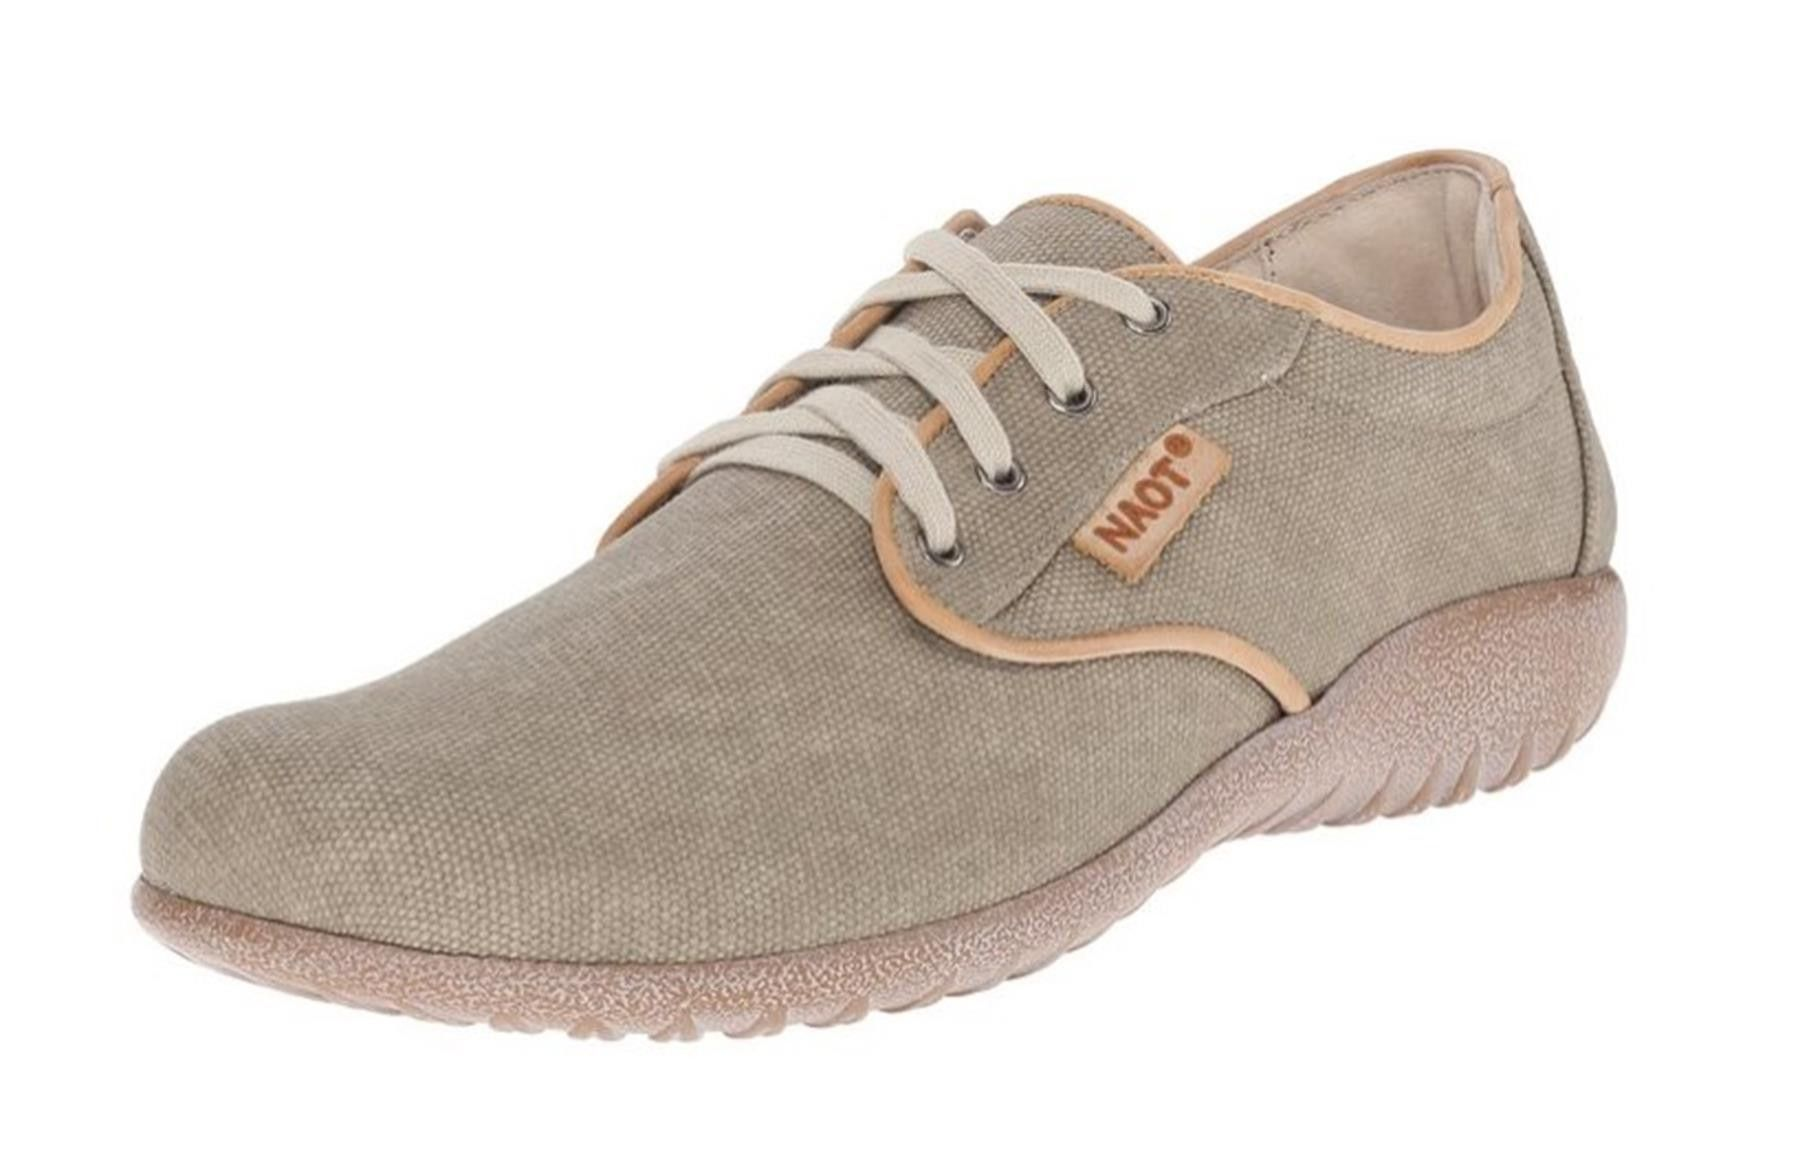 Tiaki Sneakers